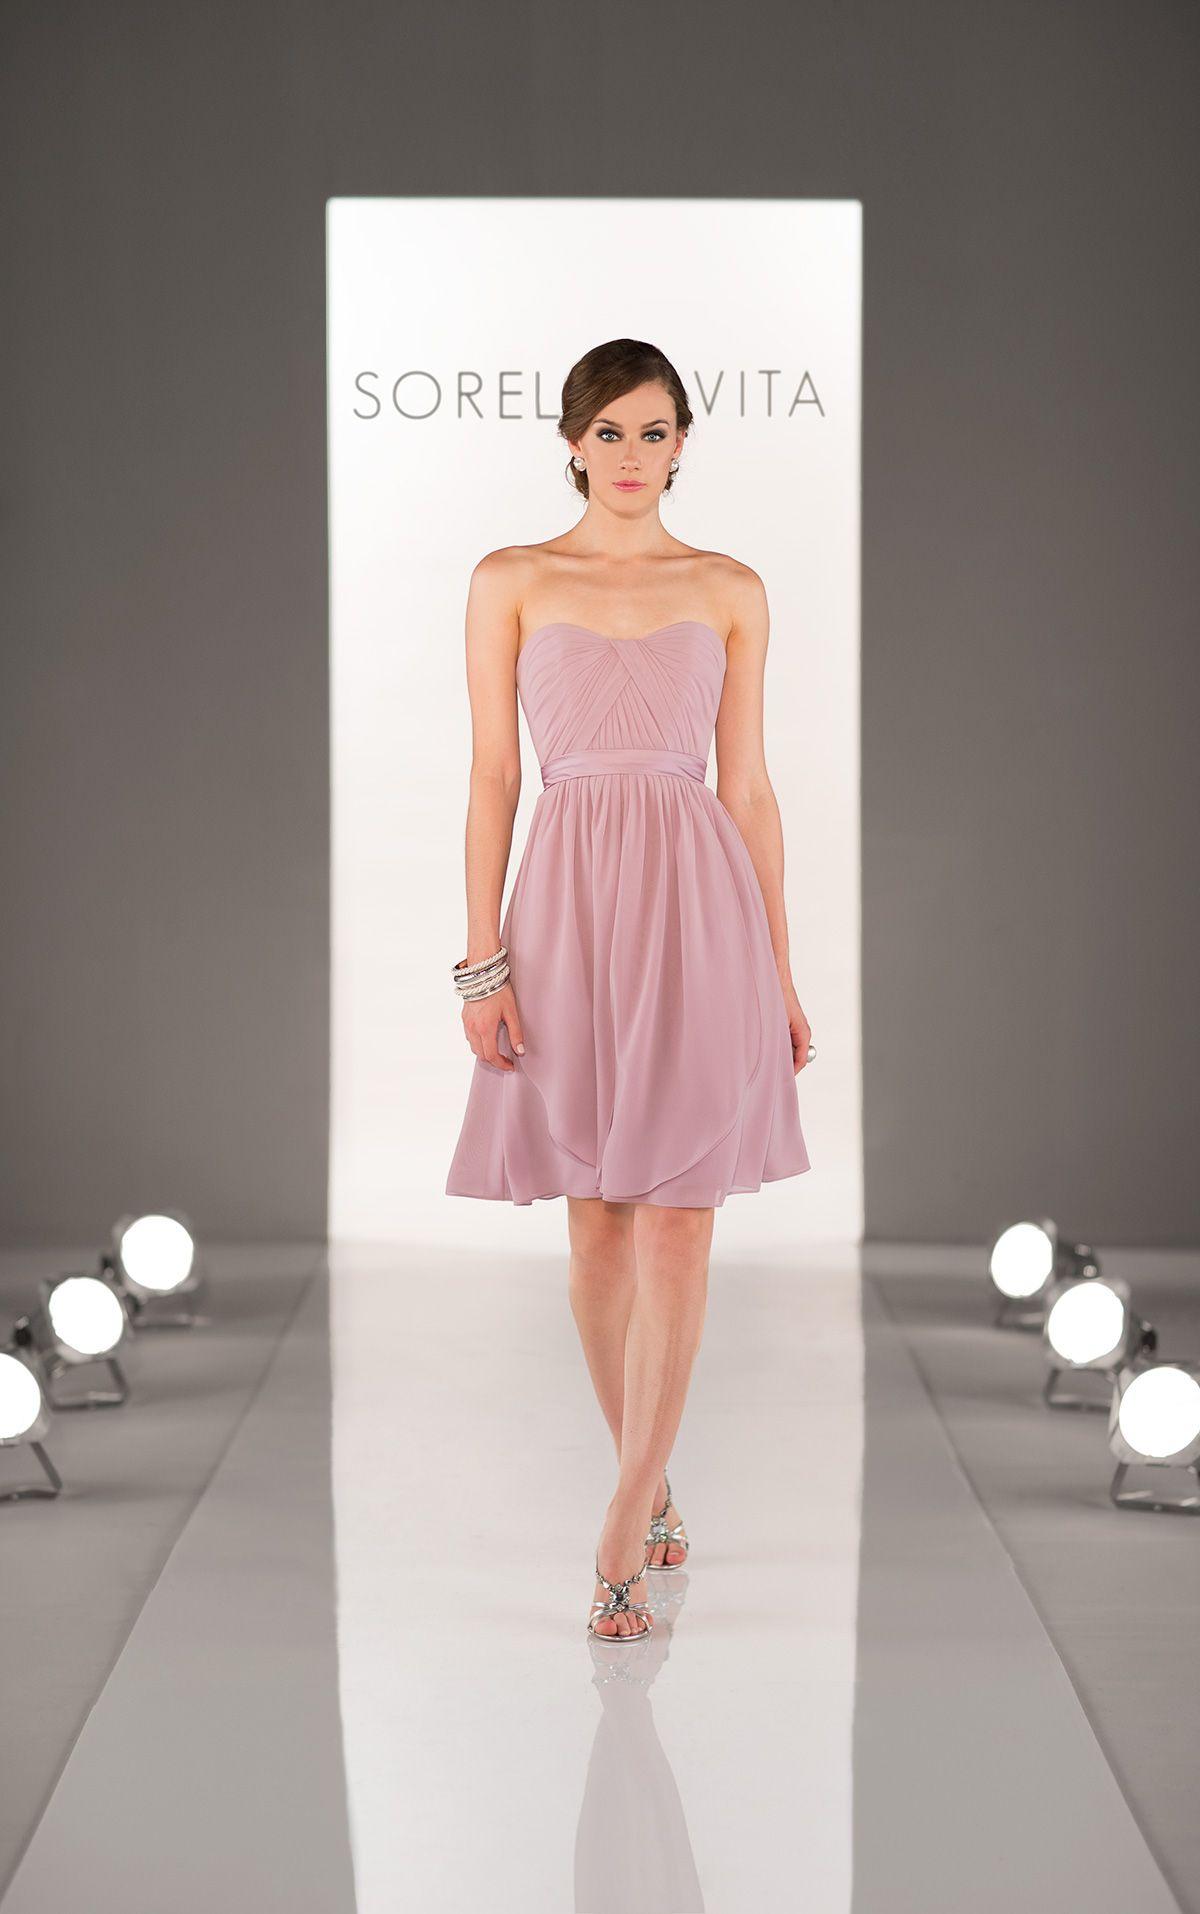 Peach Bridesmaid Dress by Sorella Vita